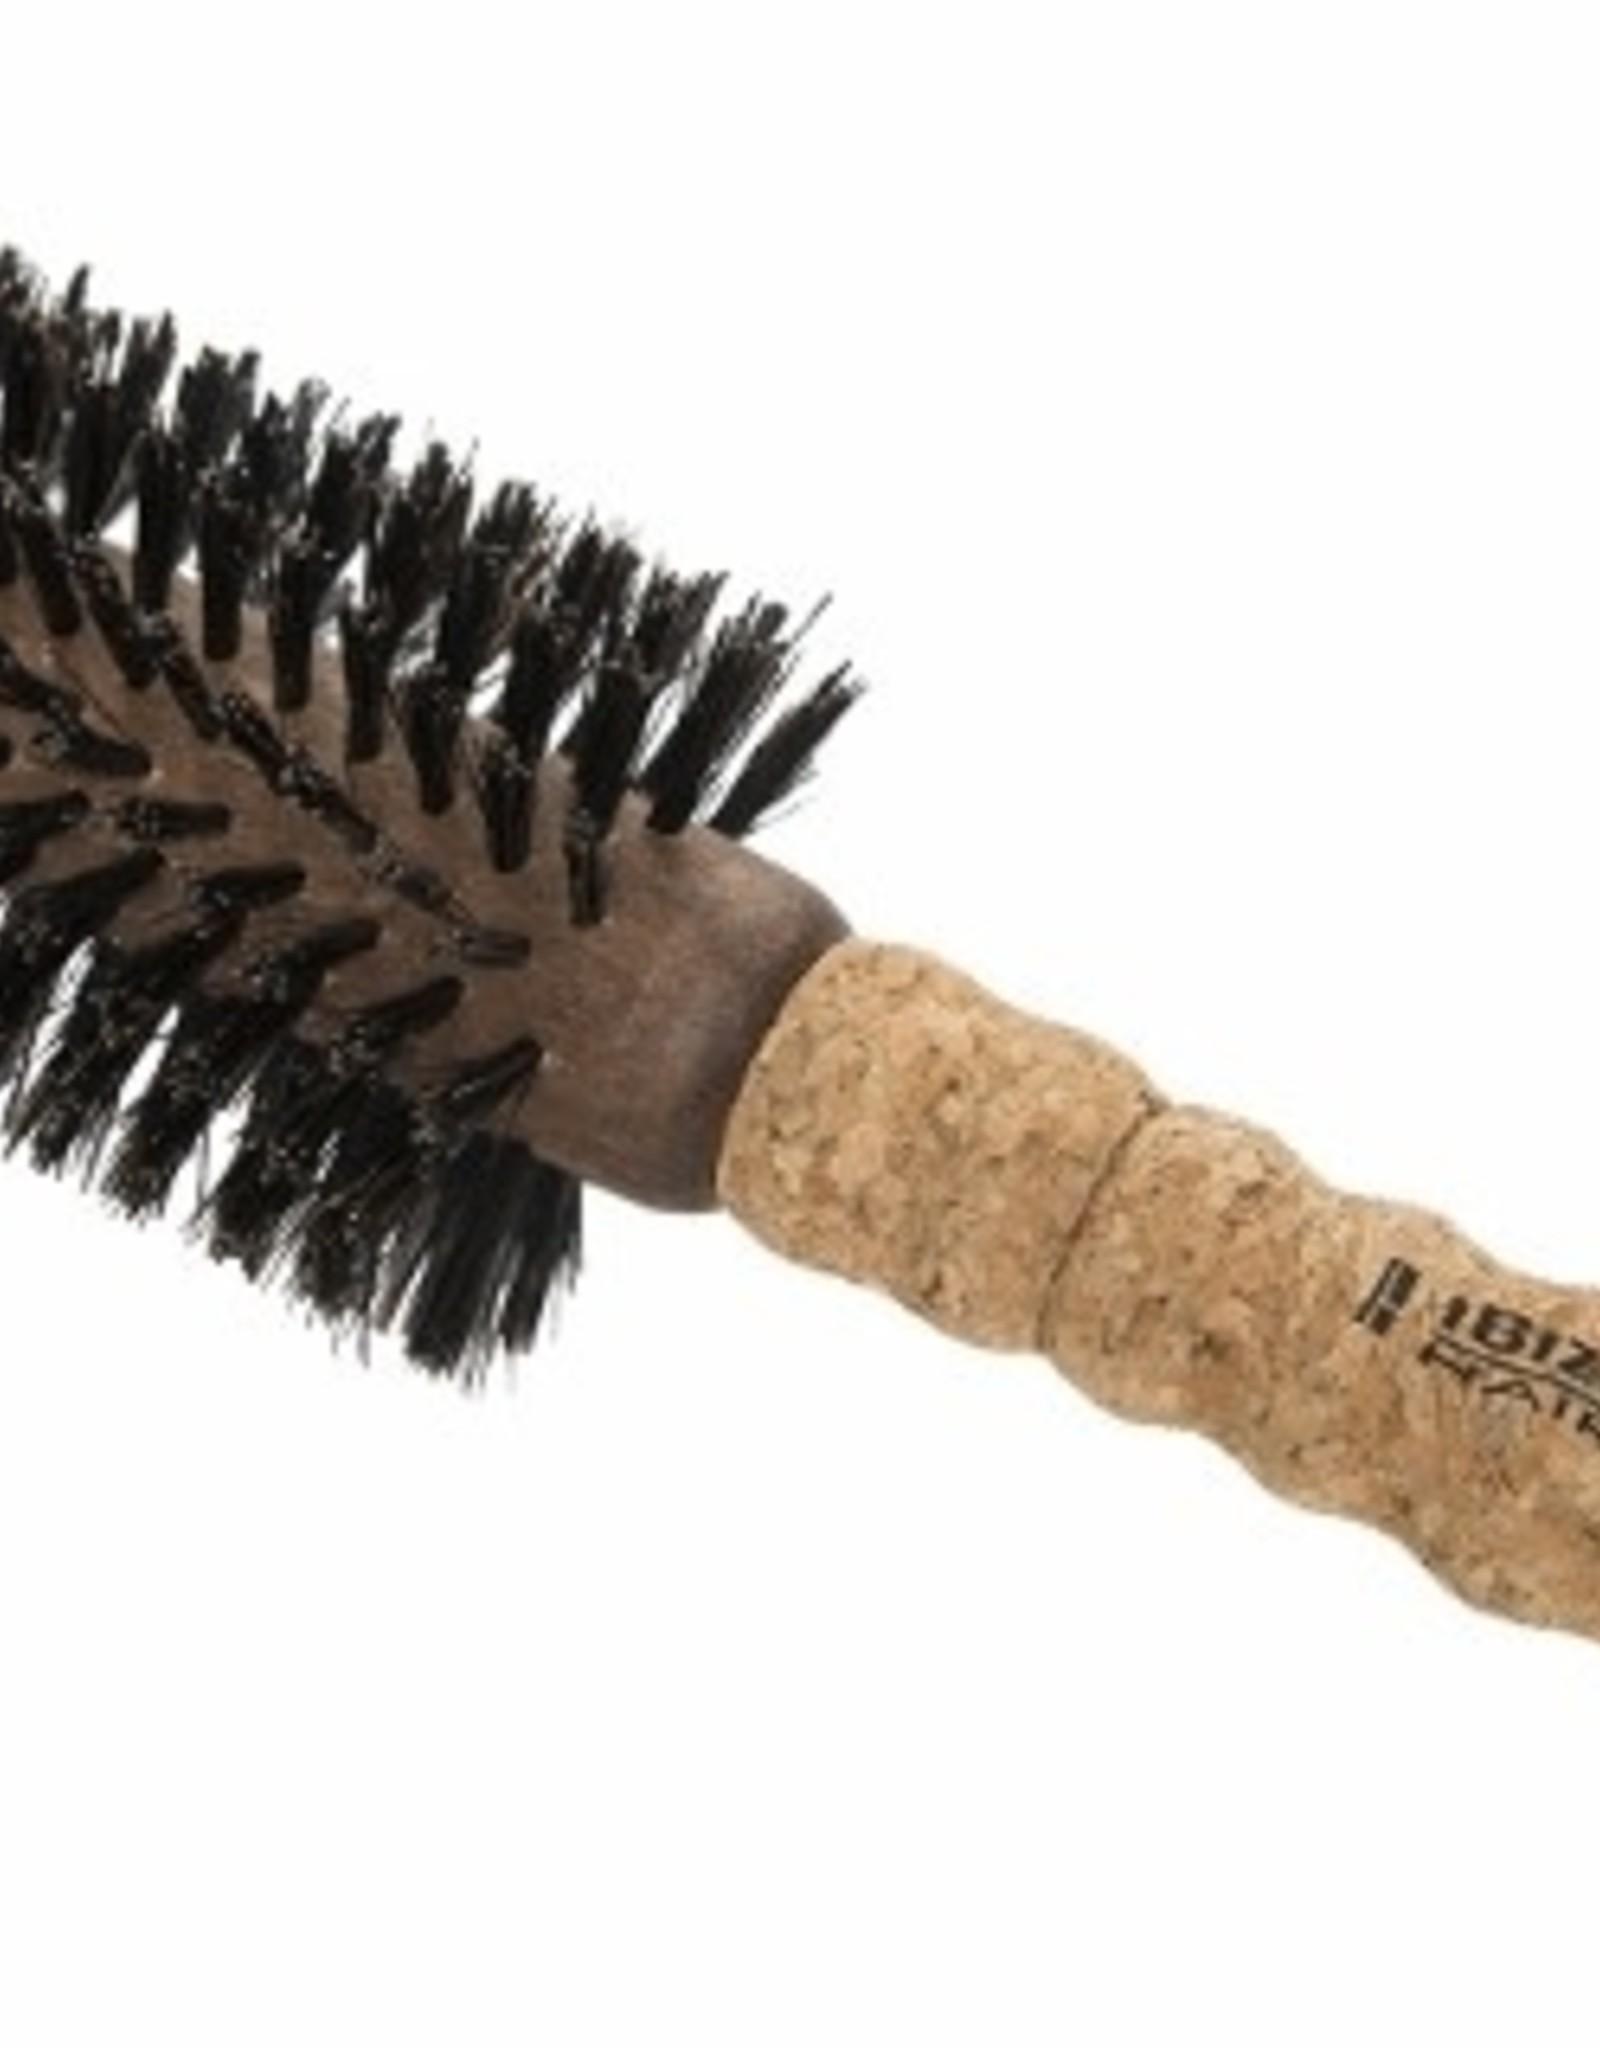 Ibiza G4 Round Brush